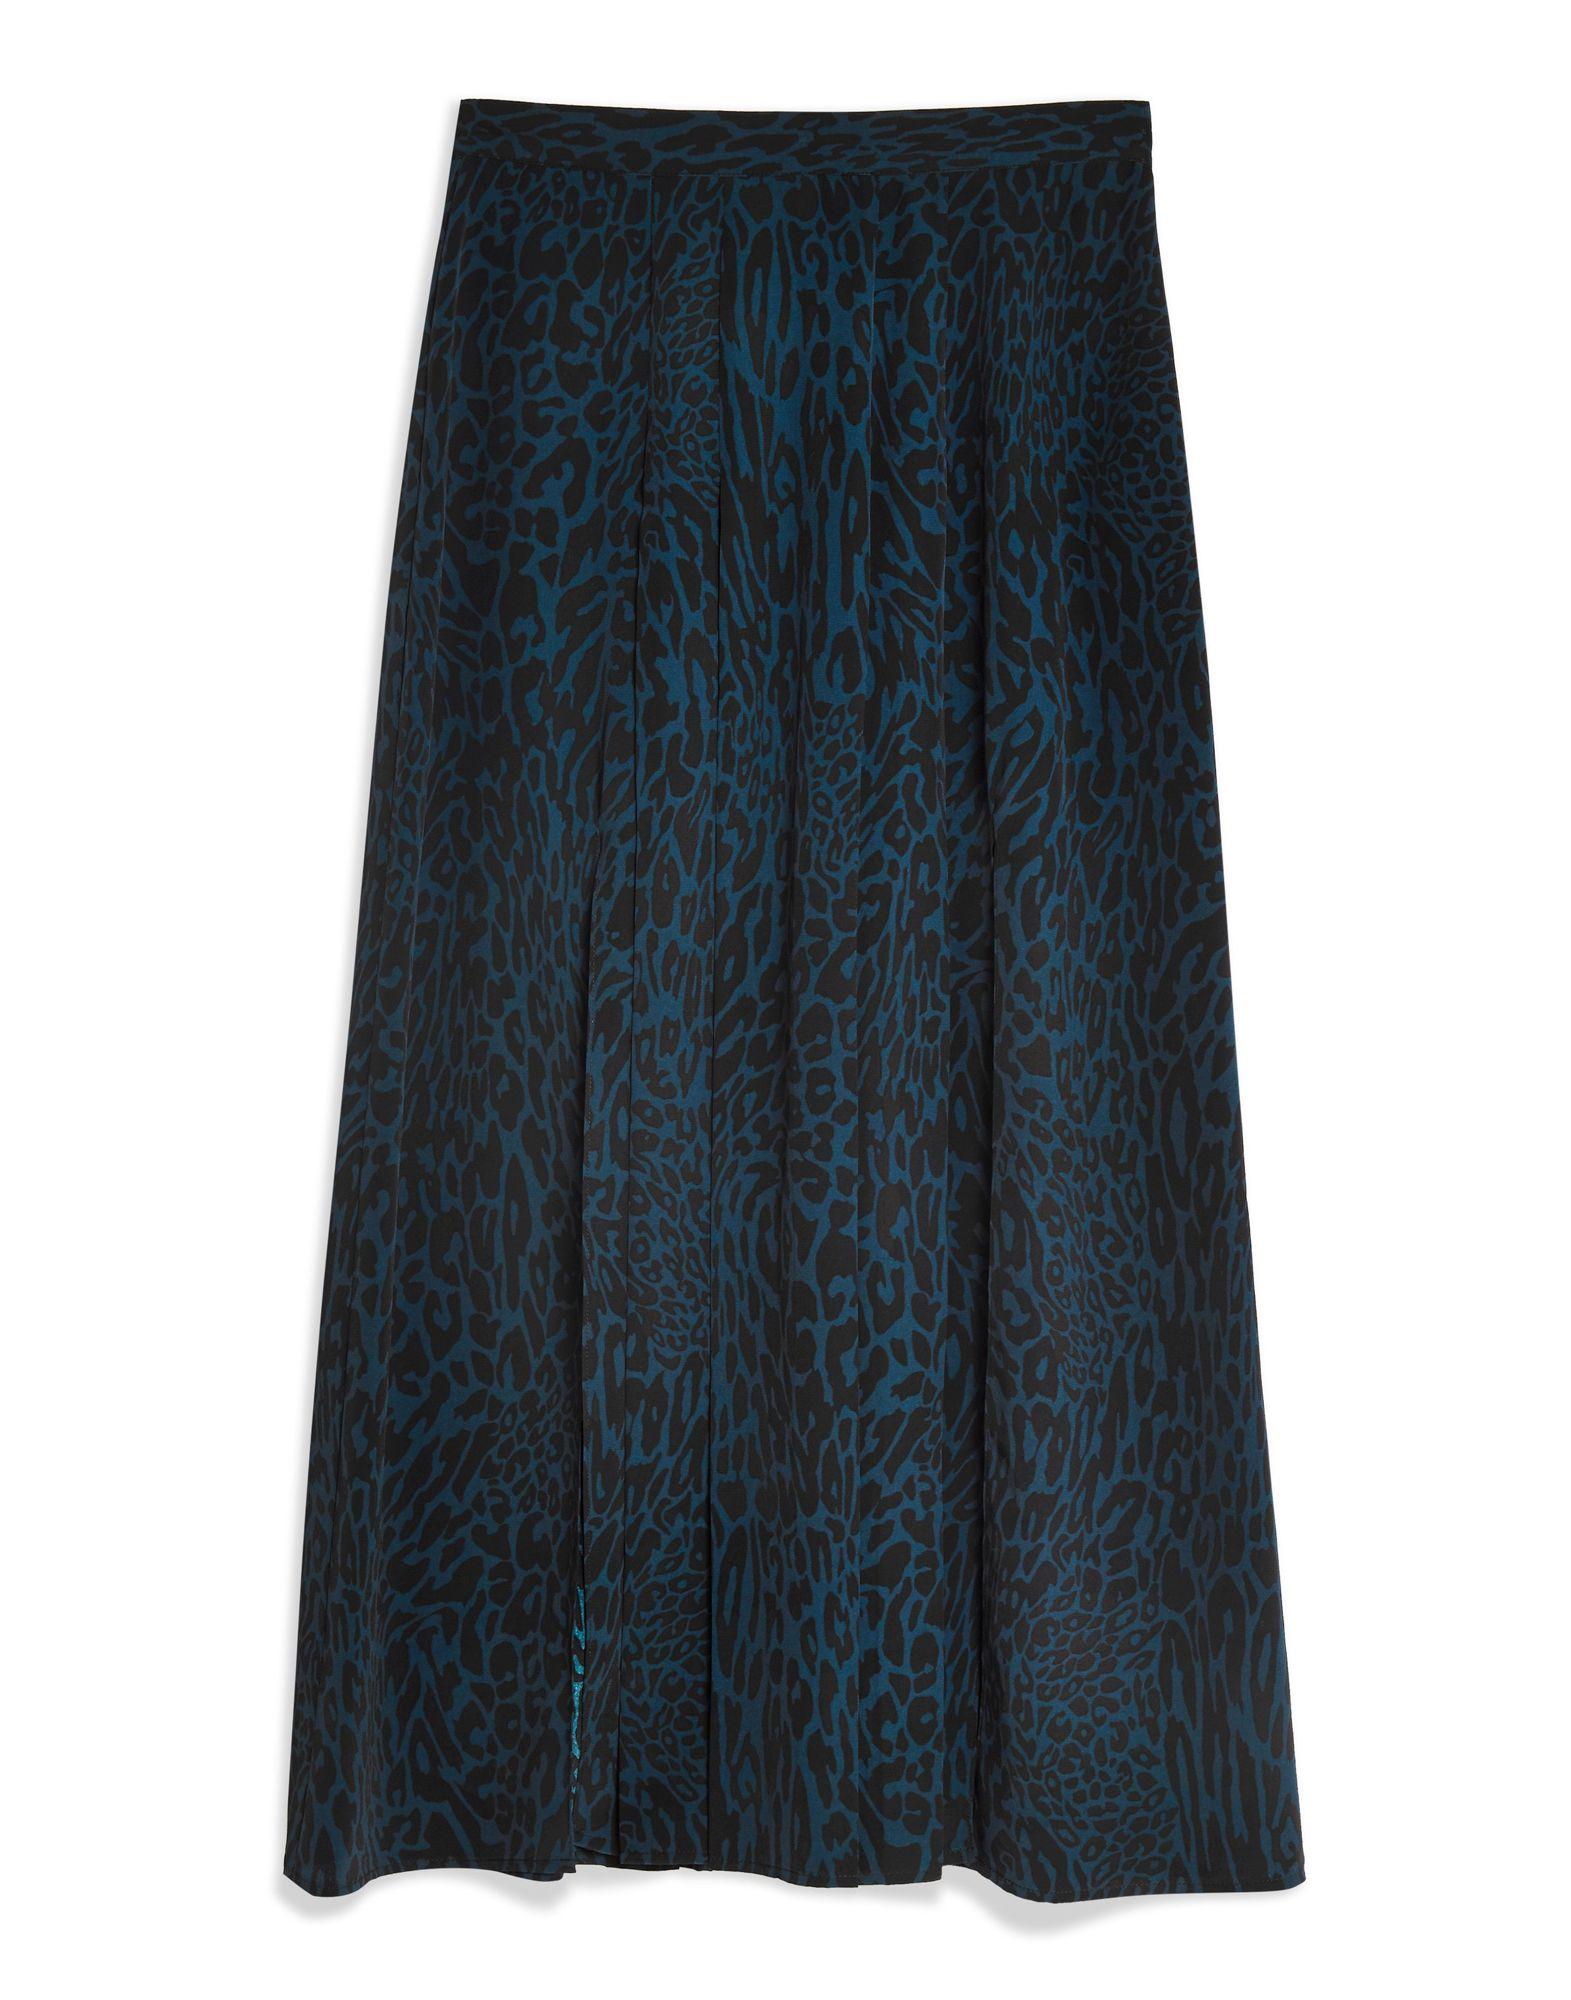 080a29835c15 Topshop Leopard Print Box Pleat Midi Skirt - Midi Skirts - Women Topshop  Midi Skirts online on YOOX United States - 35405670KW